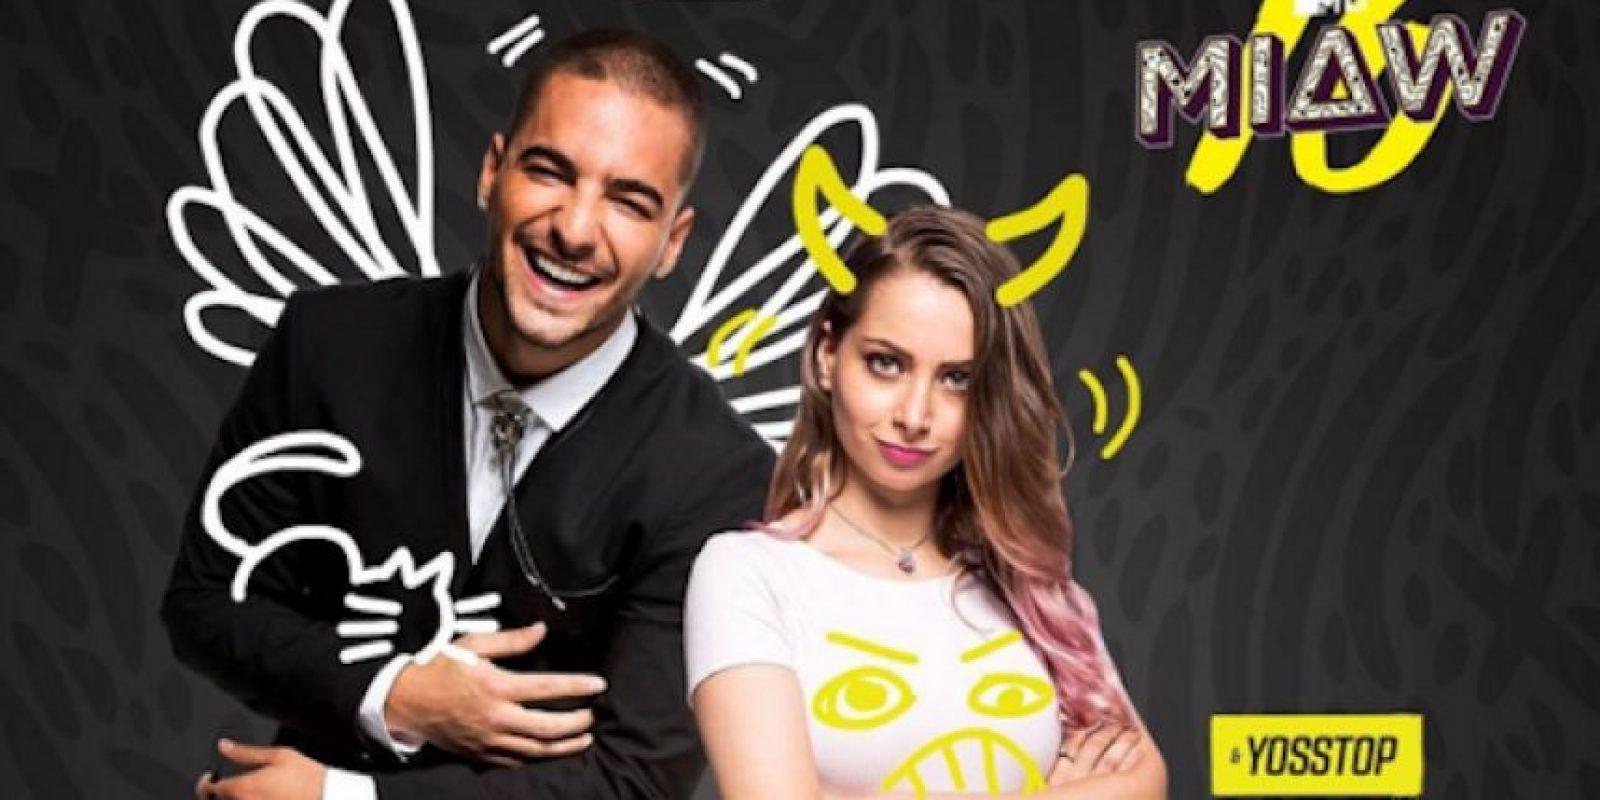 El cantante colombiano, Maluma y la estrella de YouTube, YosStop son los conductores confirmados para los próximos premios MTV MIAW'16 Foto:MTV